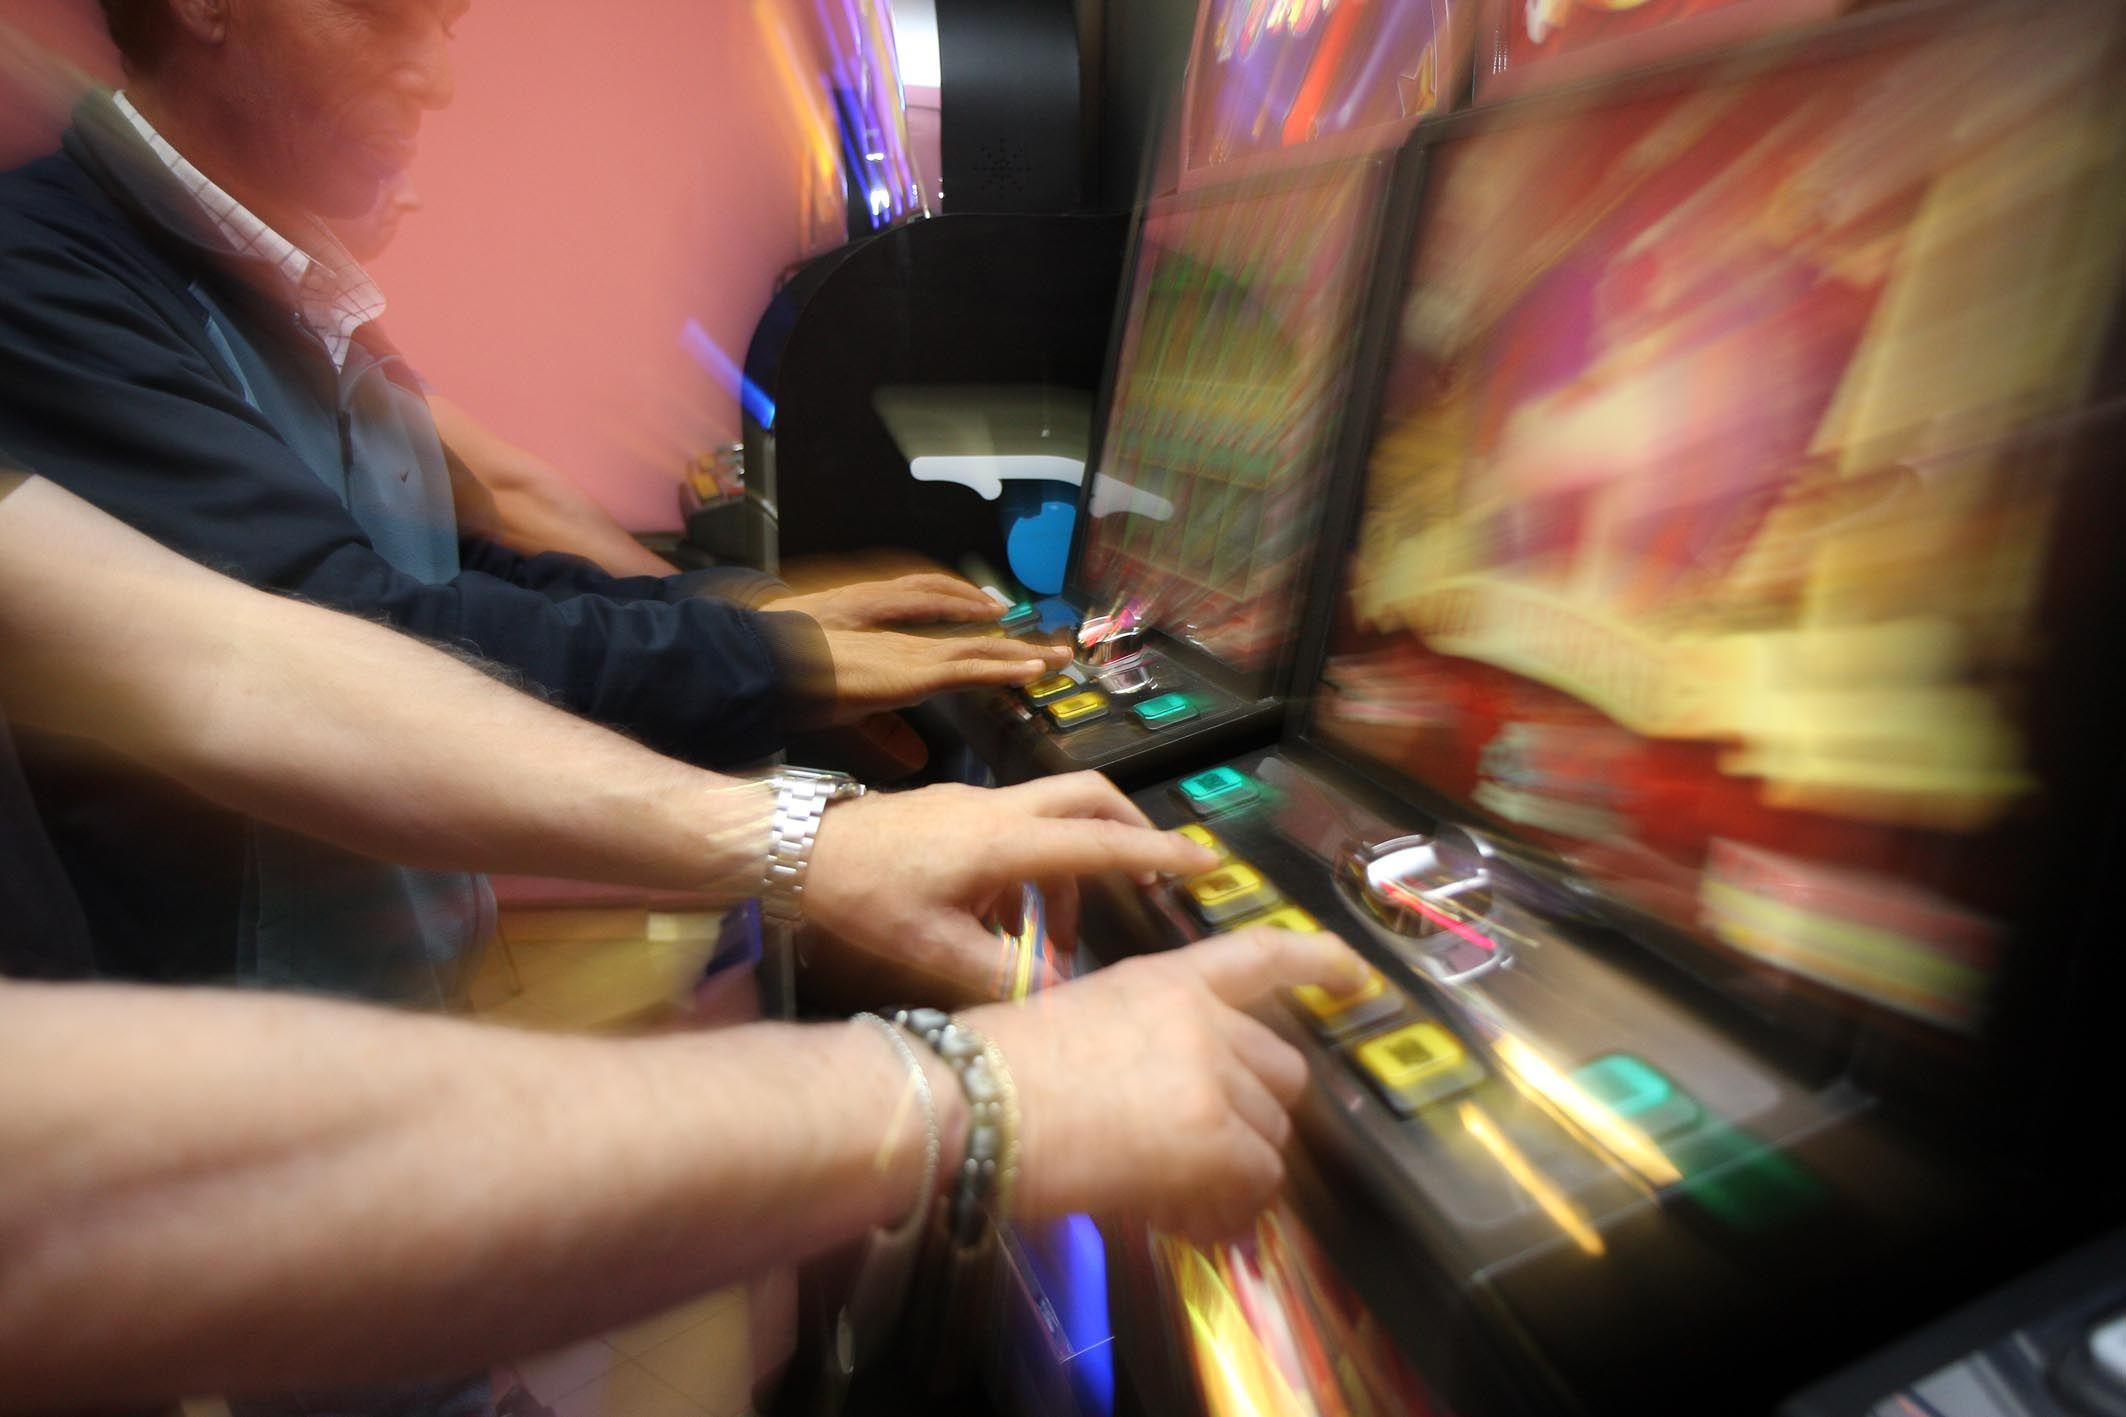 Gioco d'azzardo Treviso